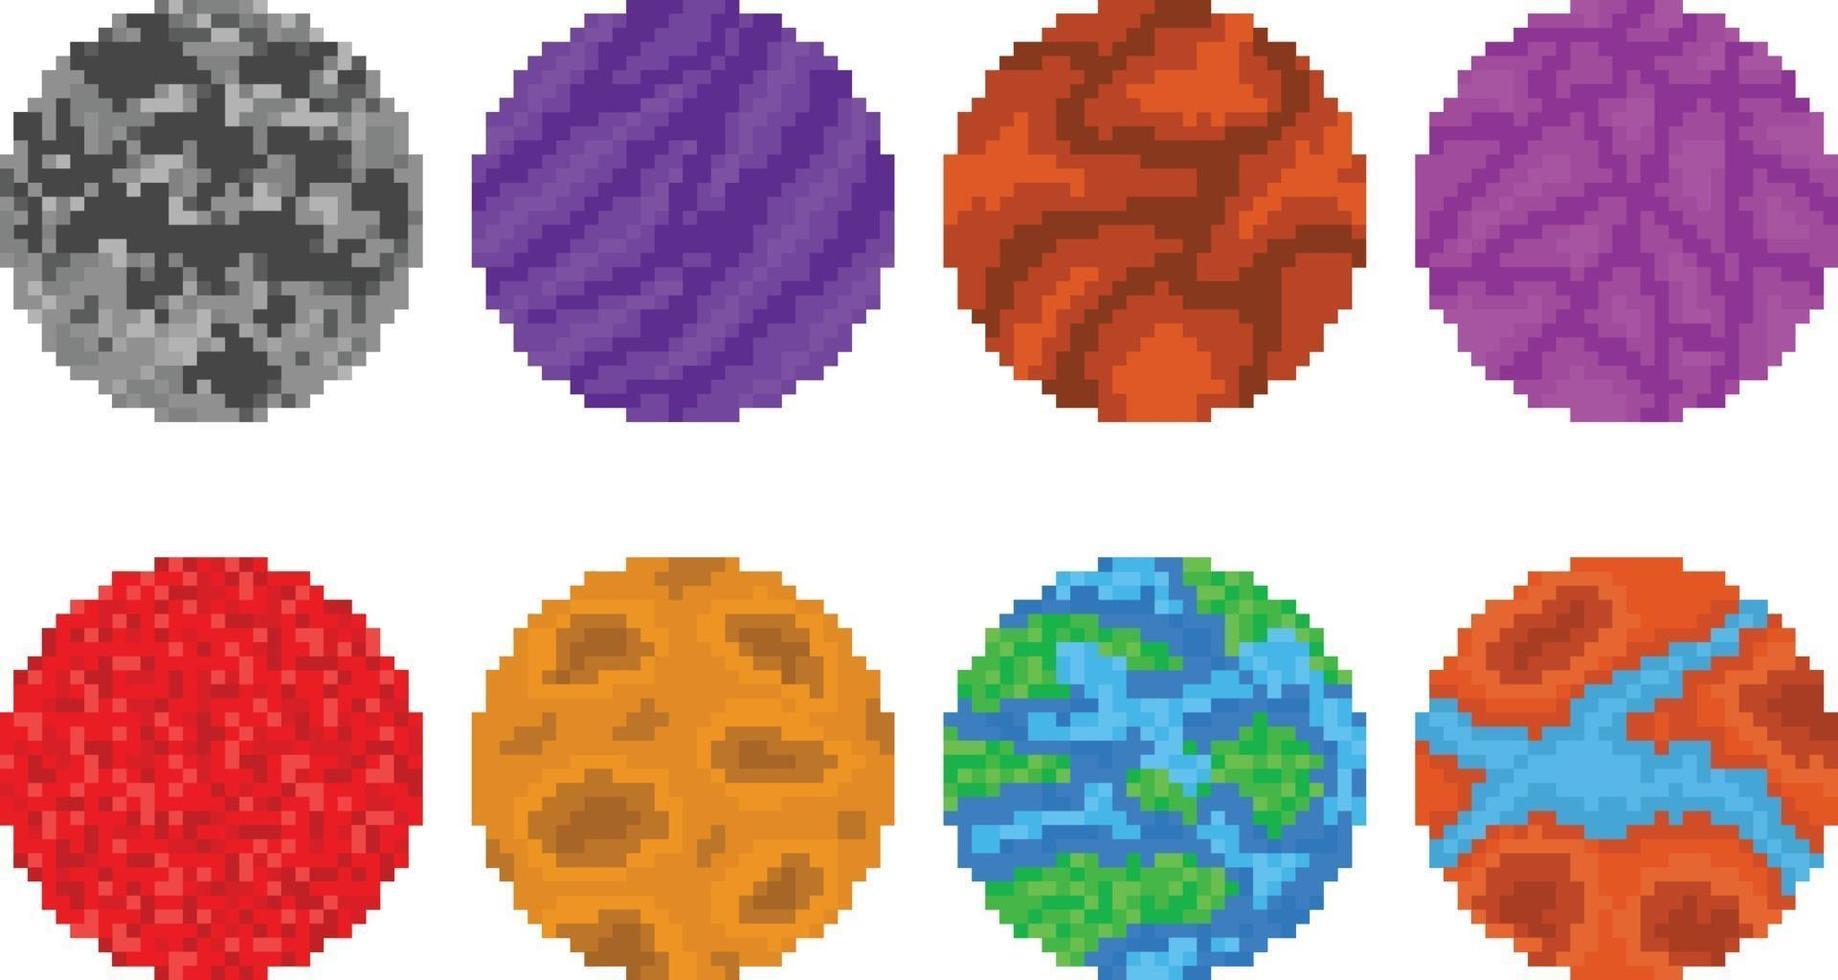 uppsättning pixelkonstplaneter vektor